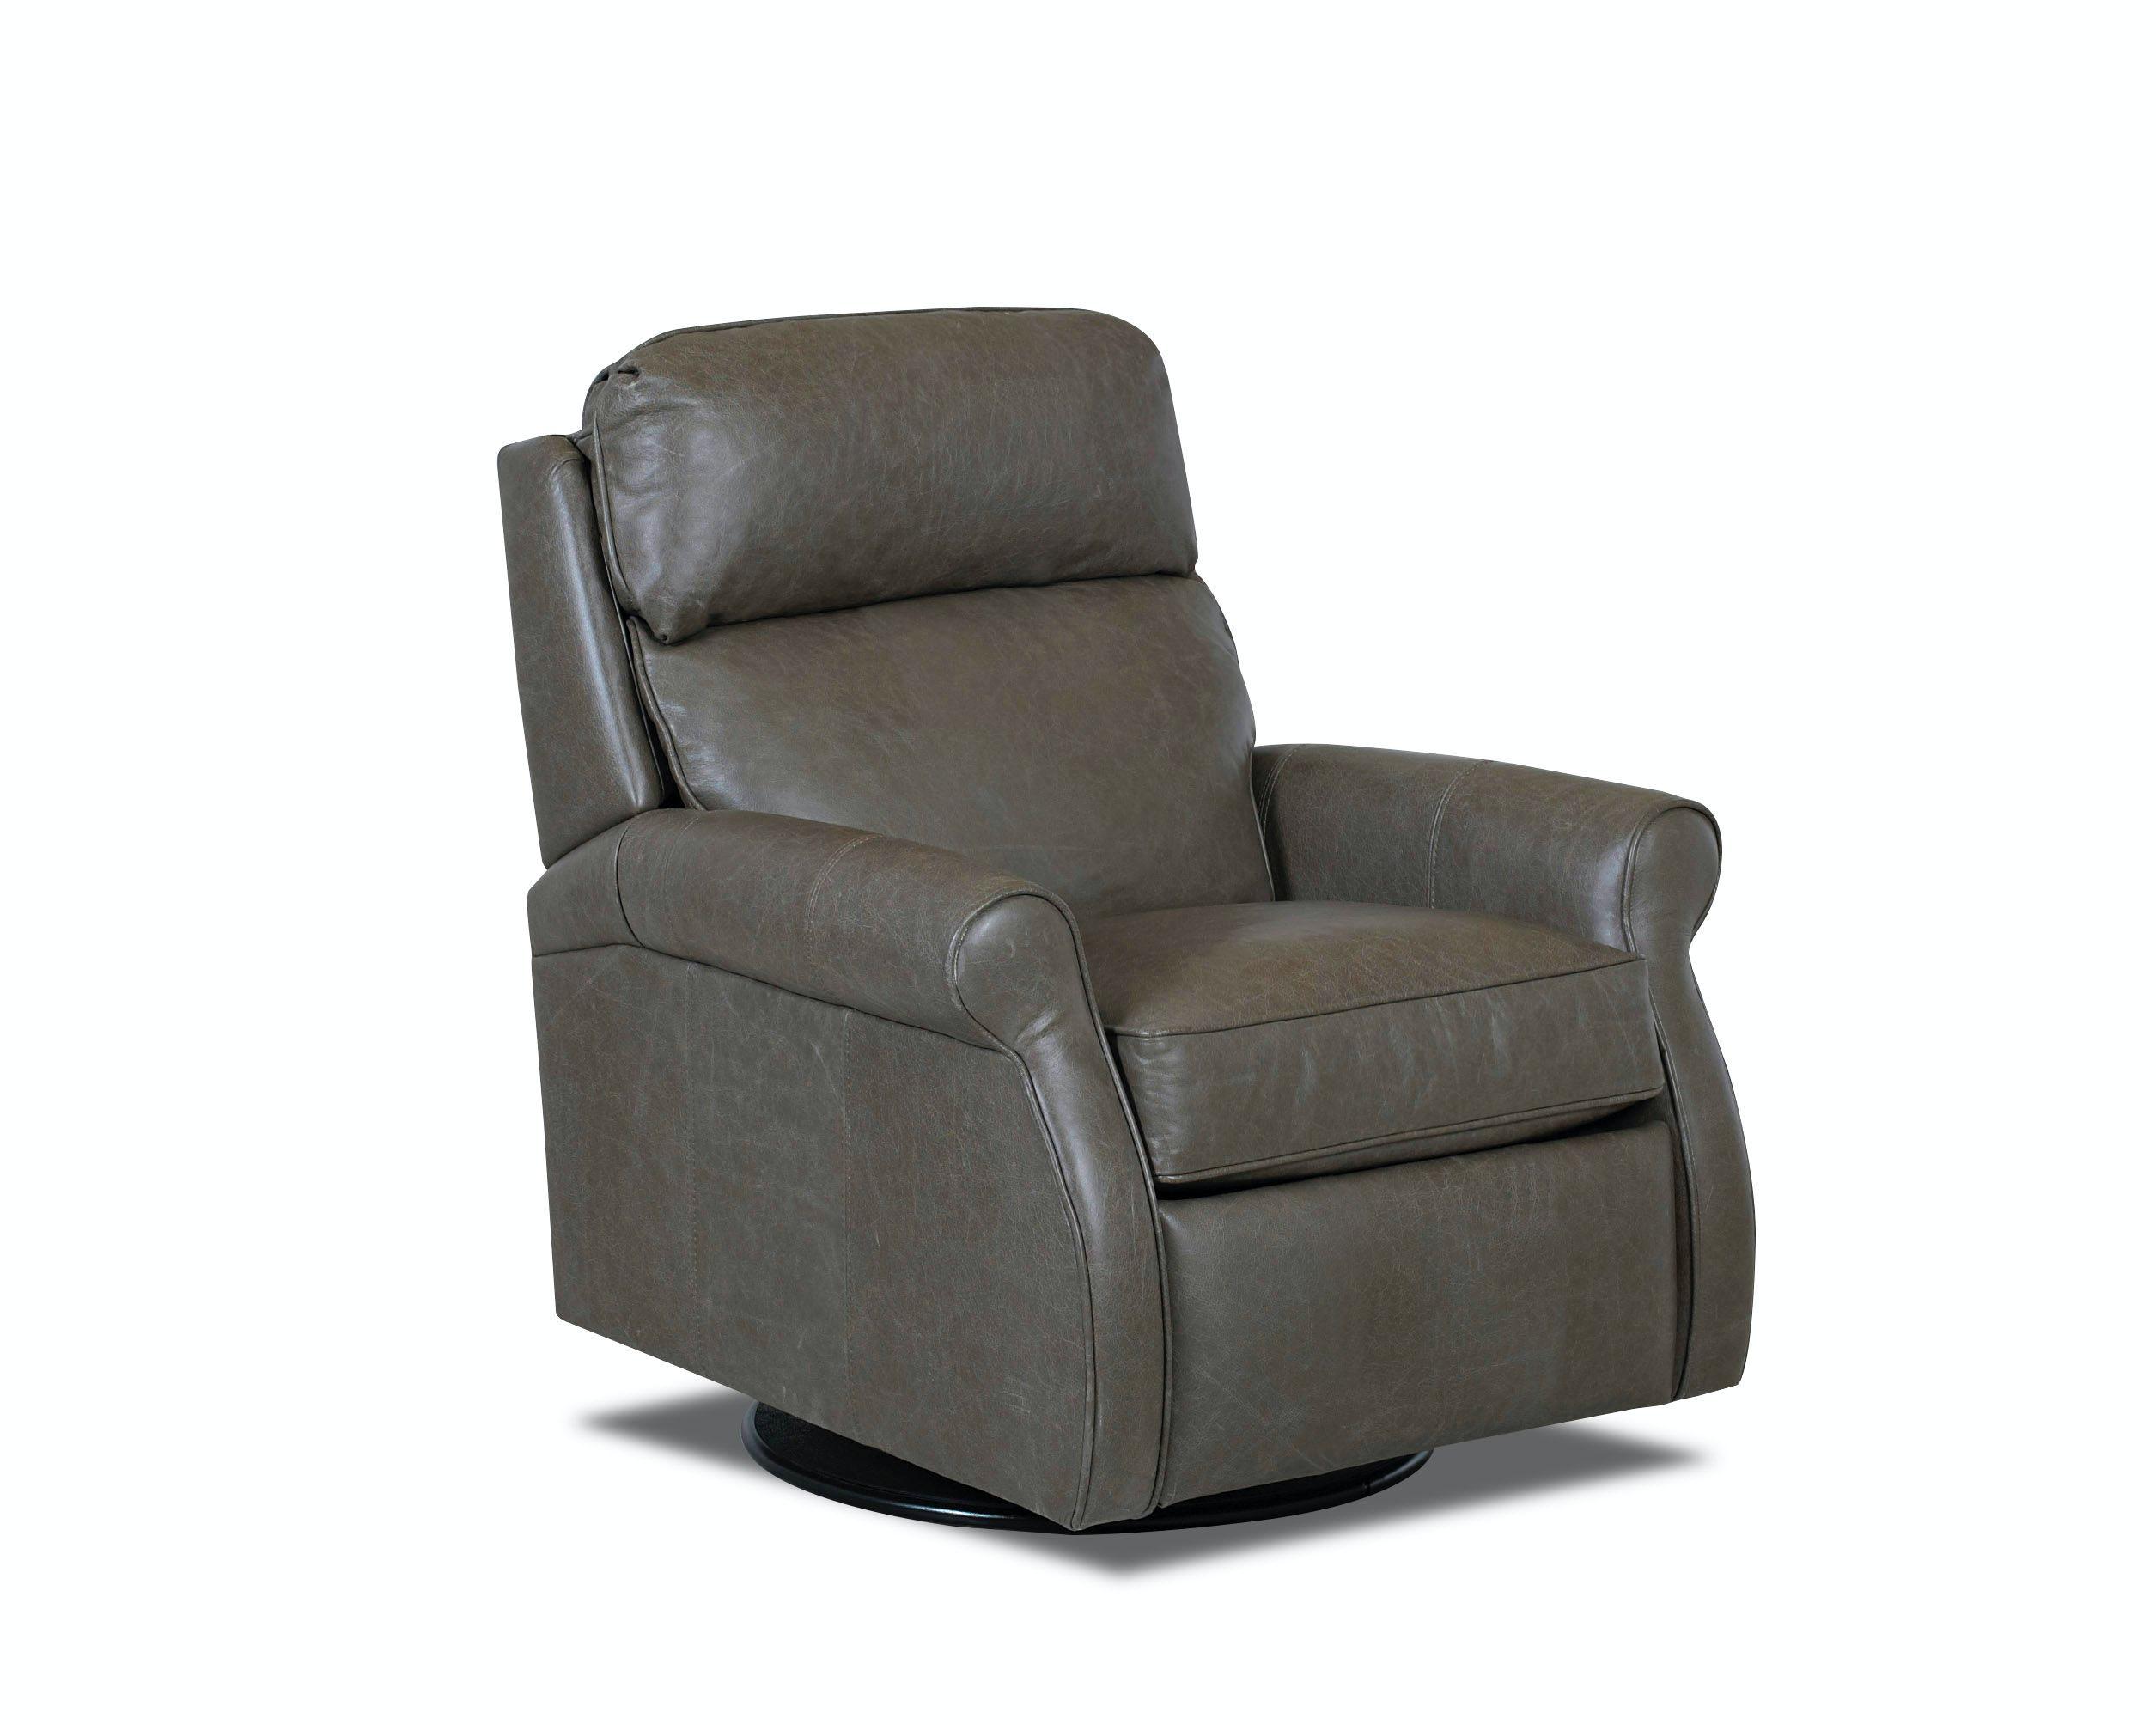 Merveilleux Comfort Design Leslie II Chair CL727 SHLRC